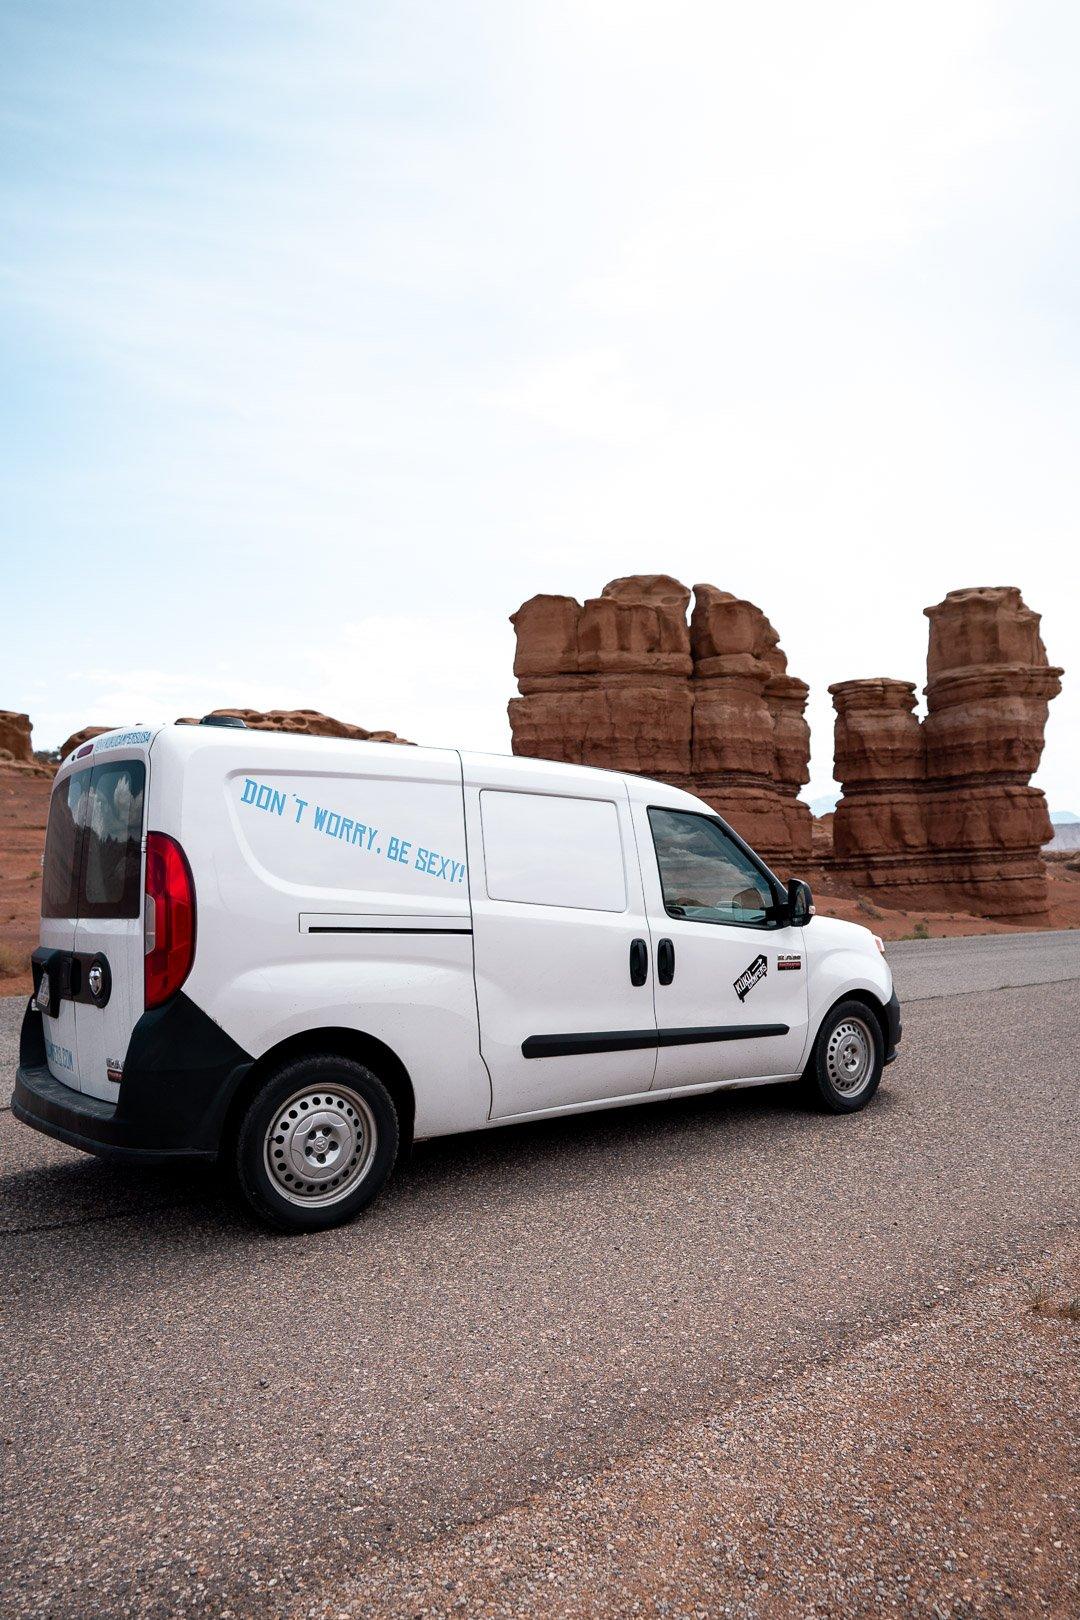 A camper van in front of rock formations in Capitol Reef, Utah